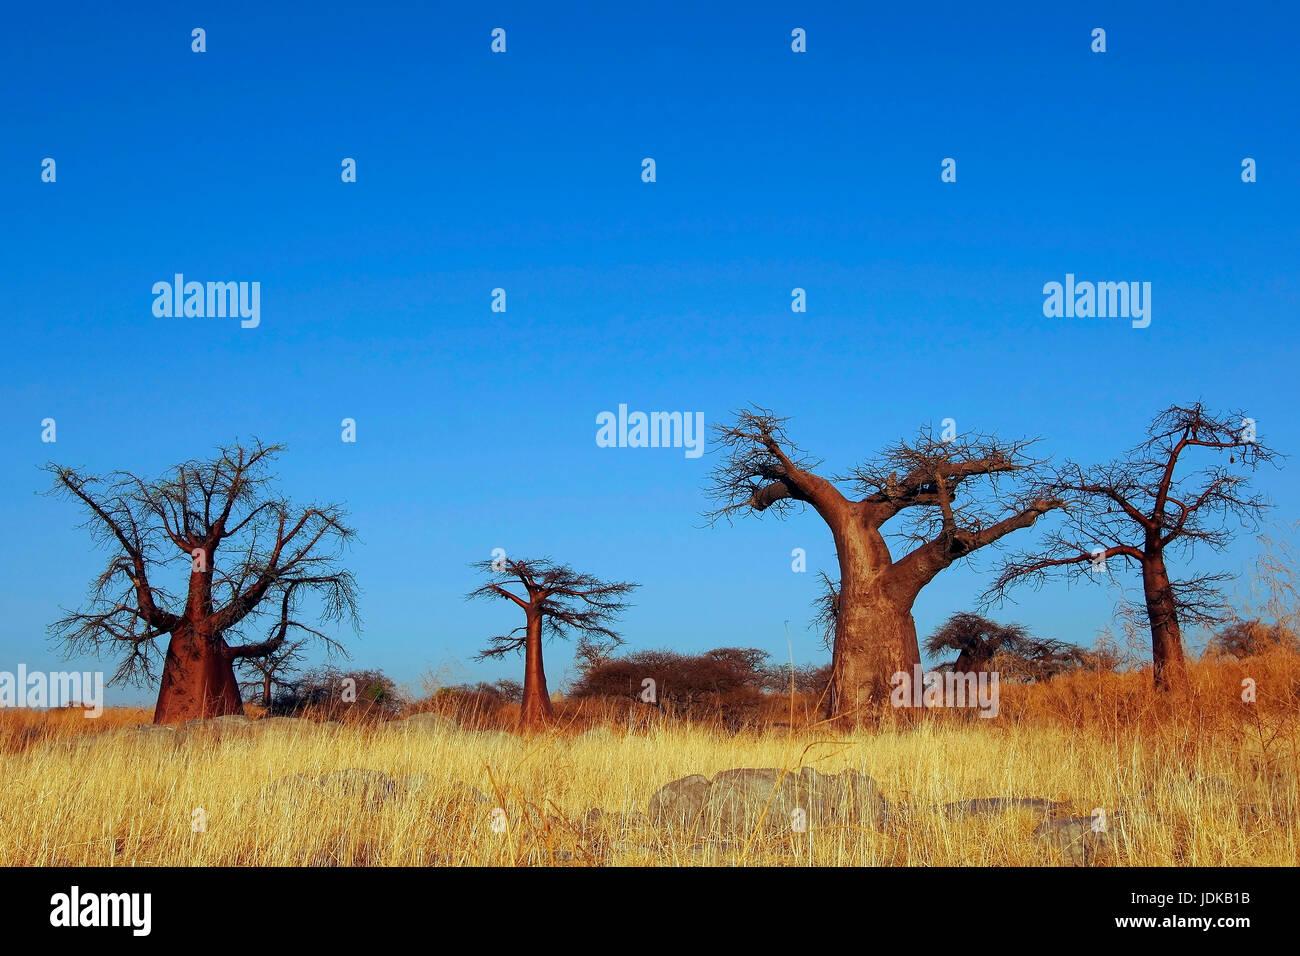 Baobab / Affenbrotb ? ? ume, Baobab / Affenbrotbäume - Stock Image